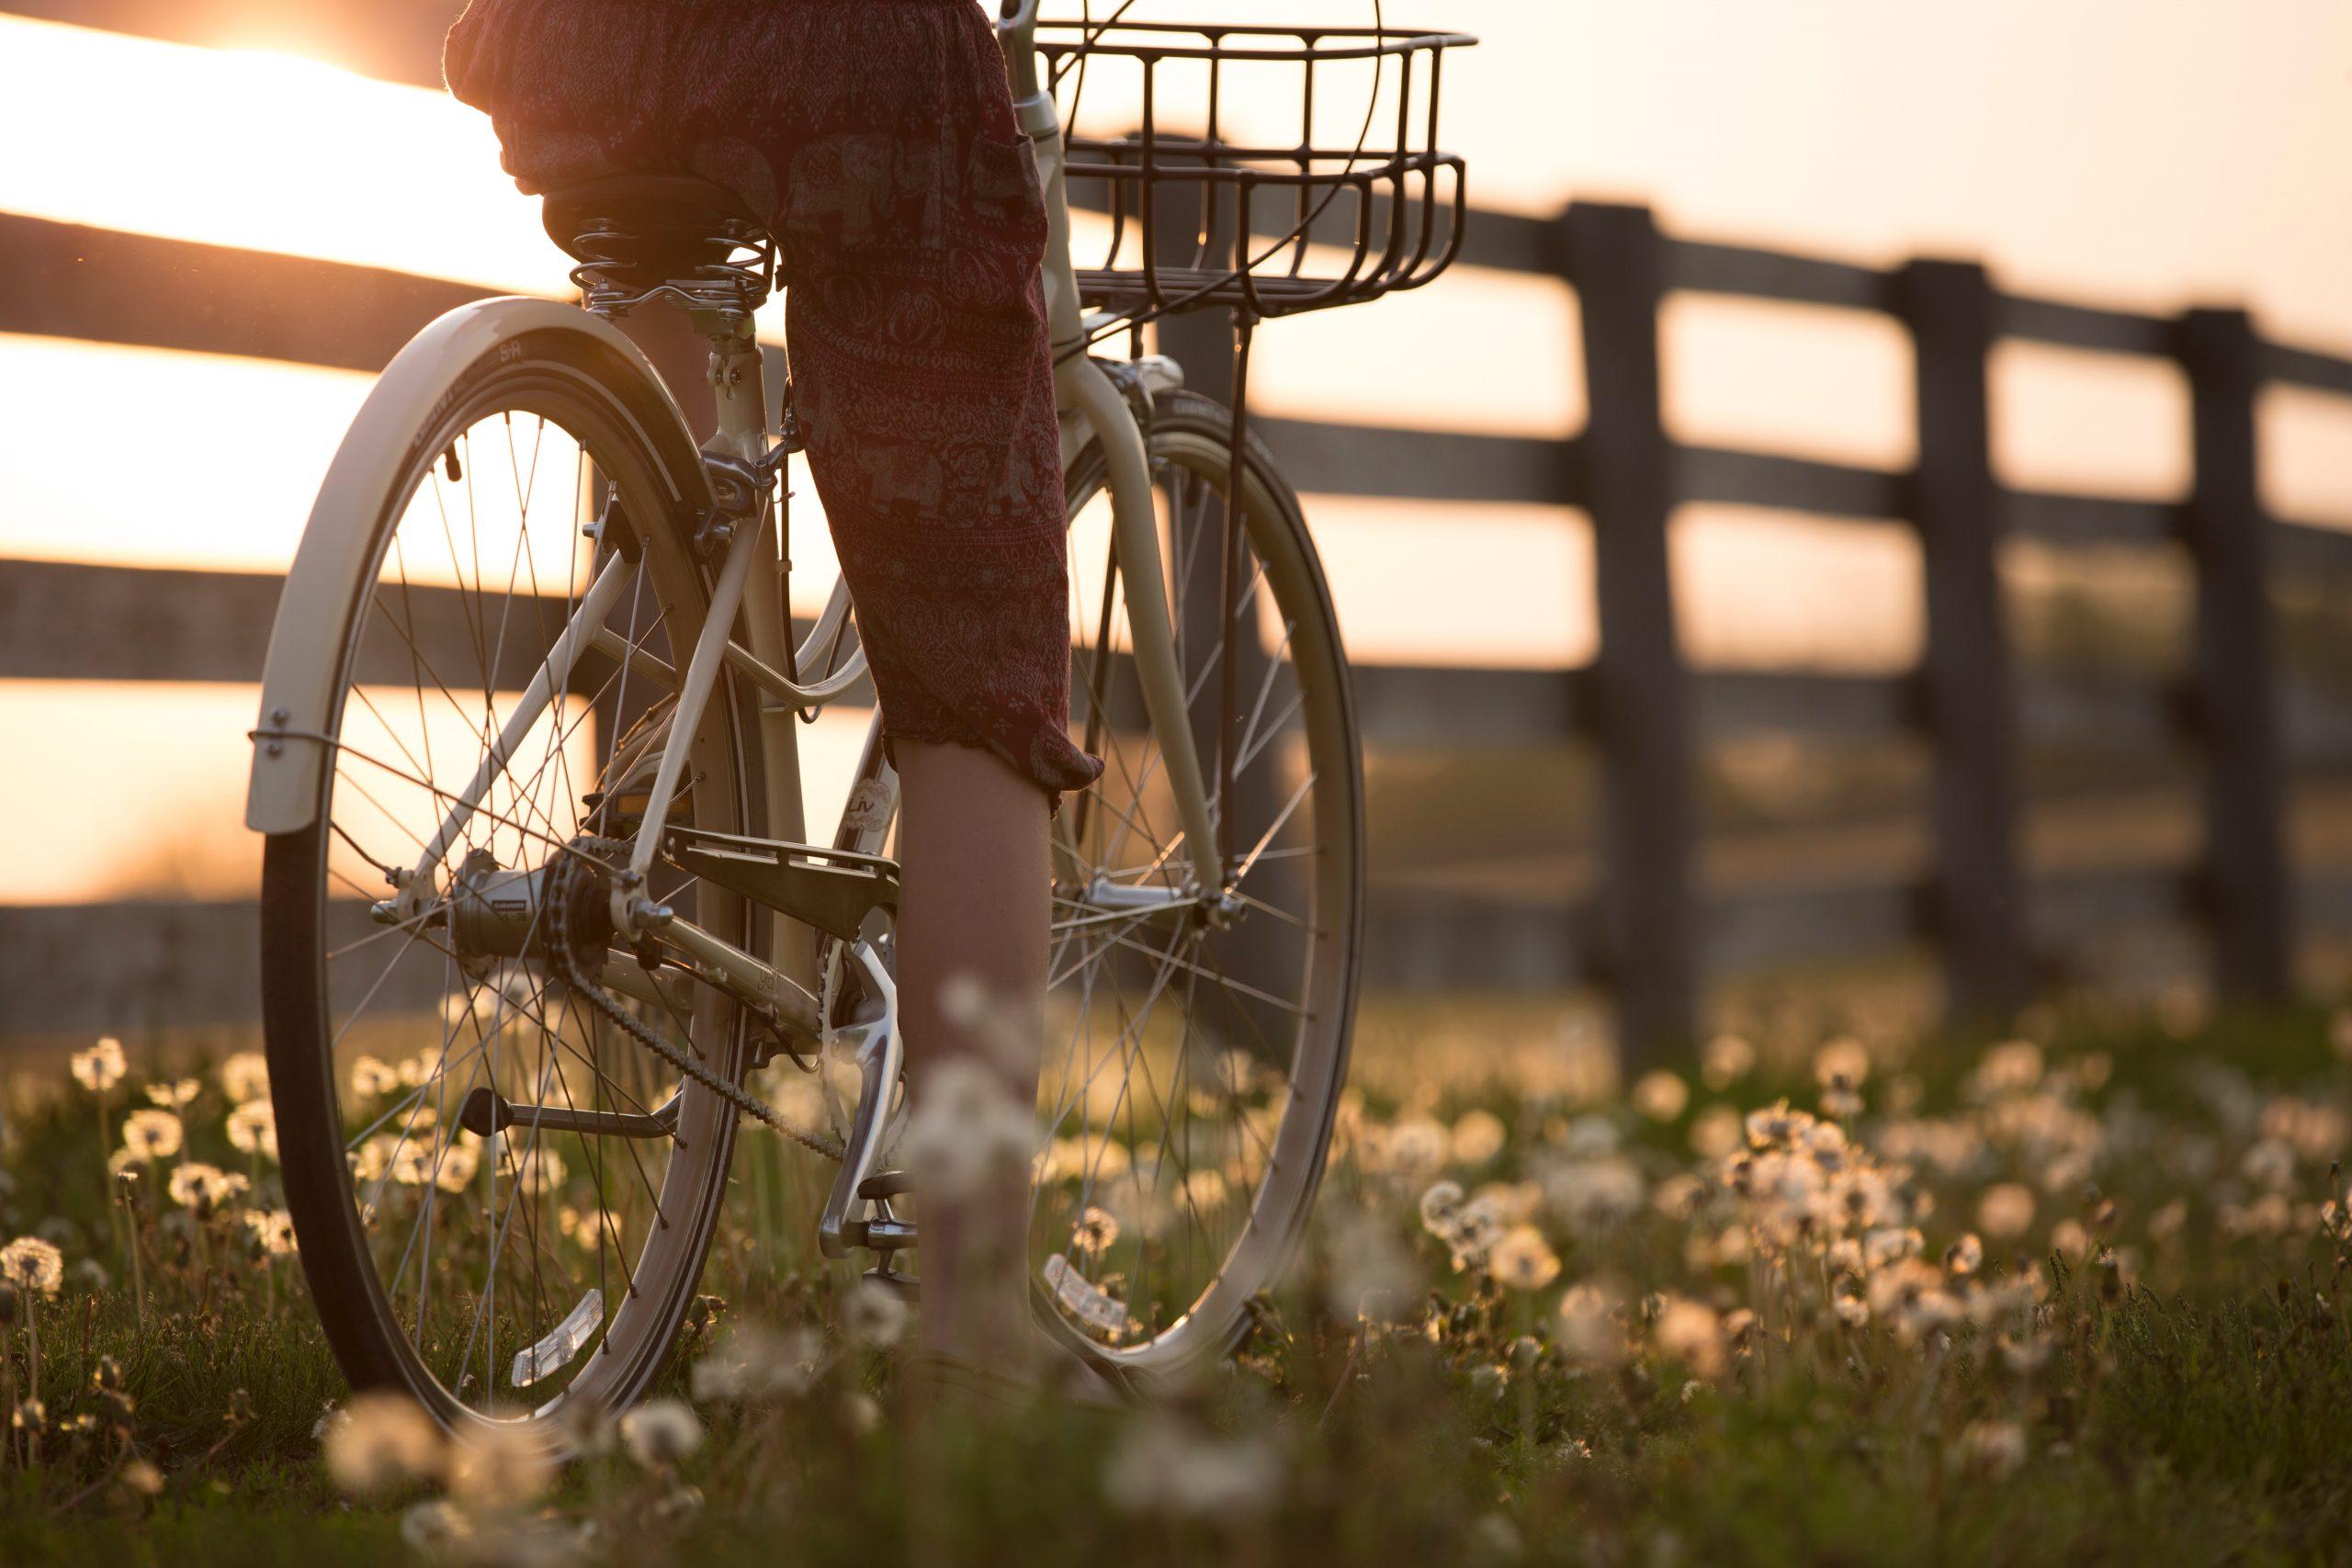 persona in bici vicino a steccato